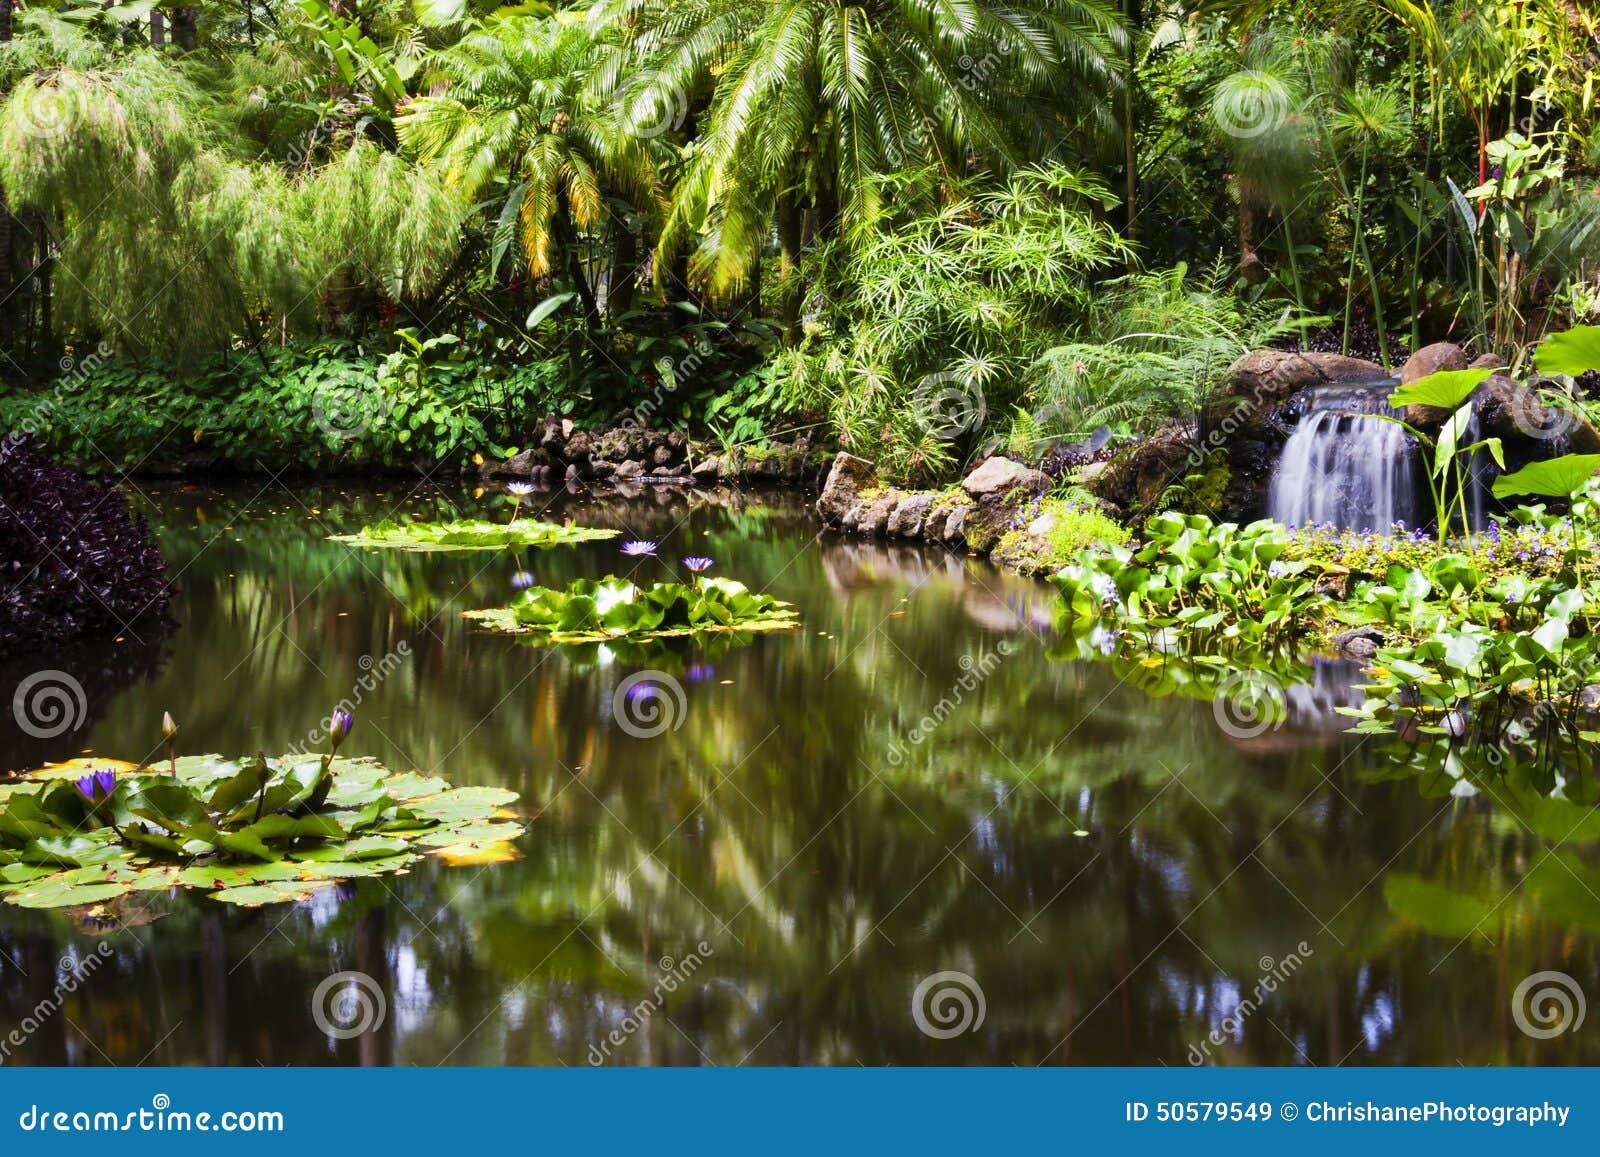 Estanque de peces del oro en el jard n bot nico tropical for Estanque de peces en el jardin